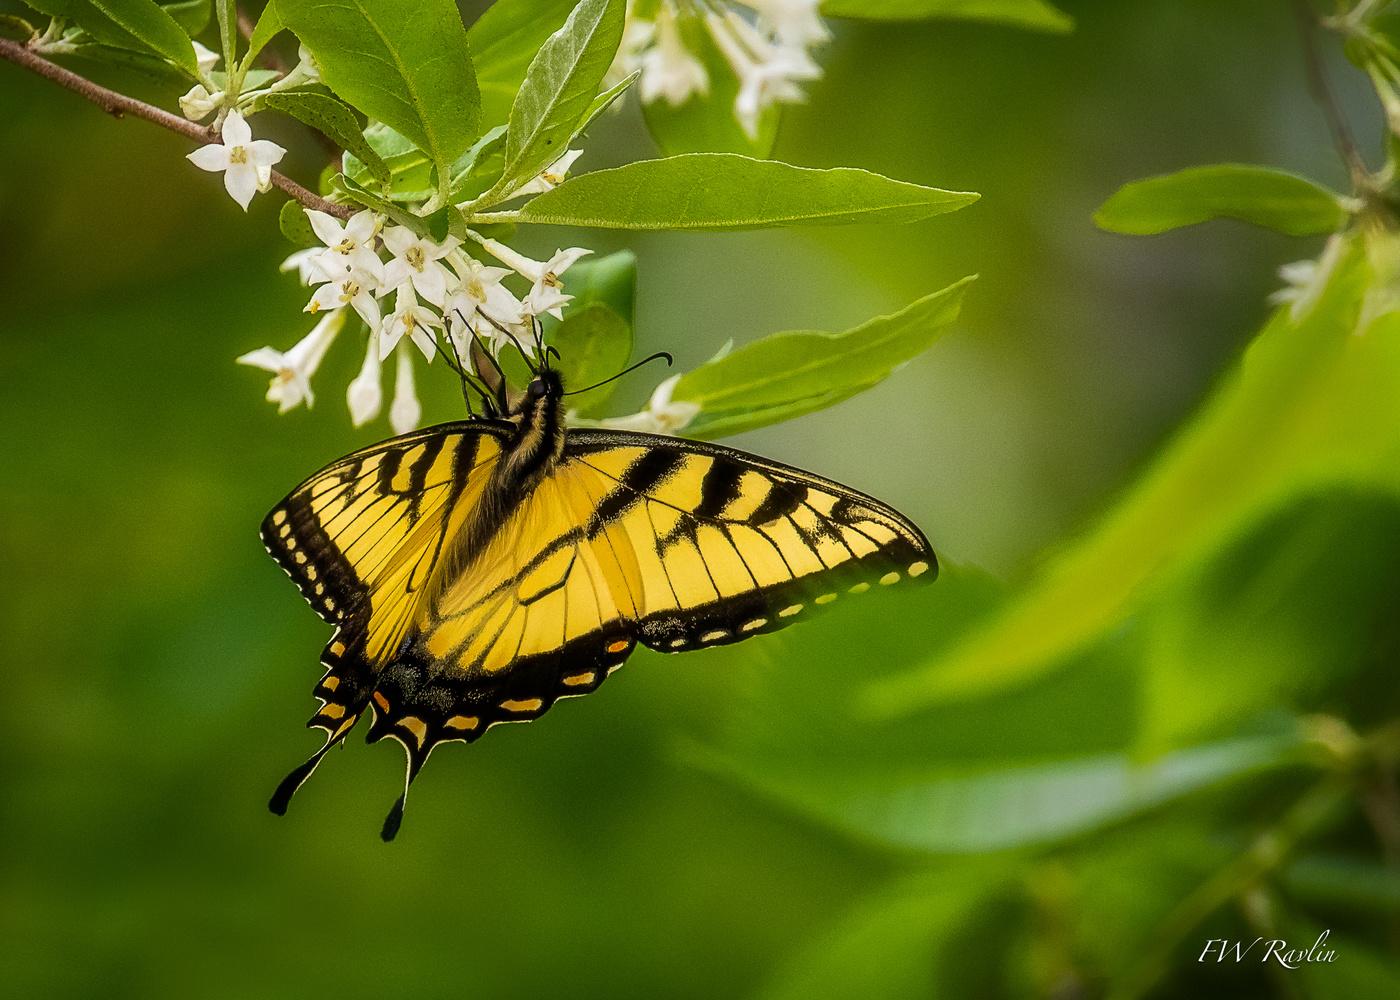 Tiger swallowtail by Bill Ravlin